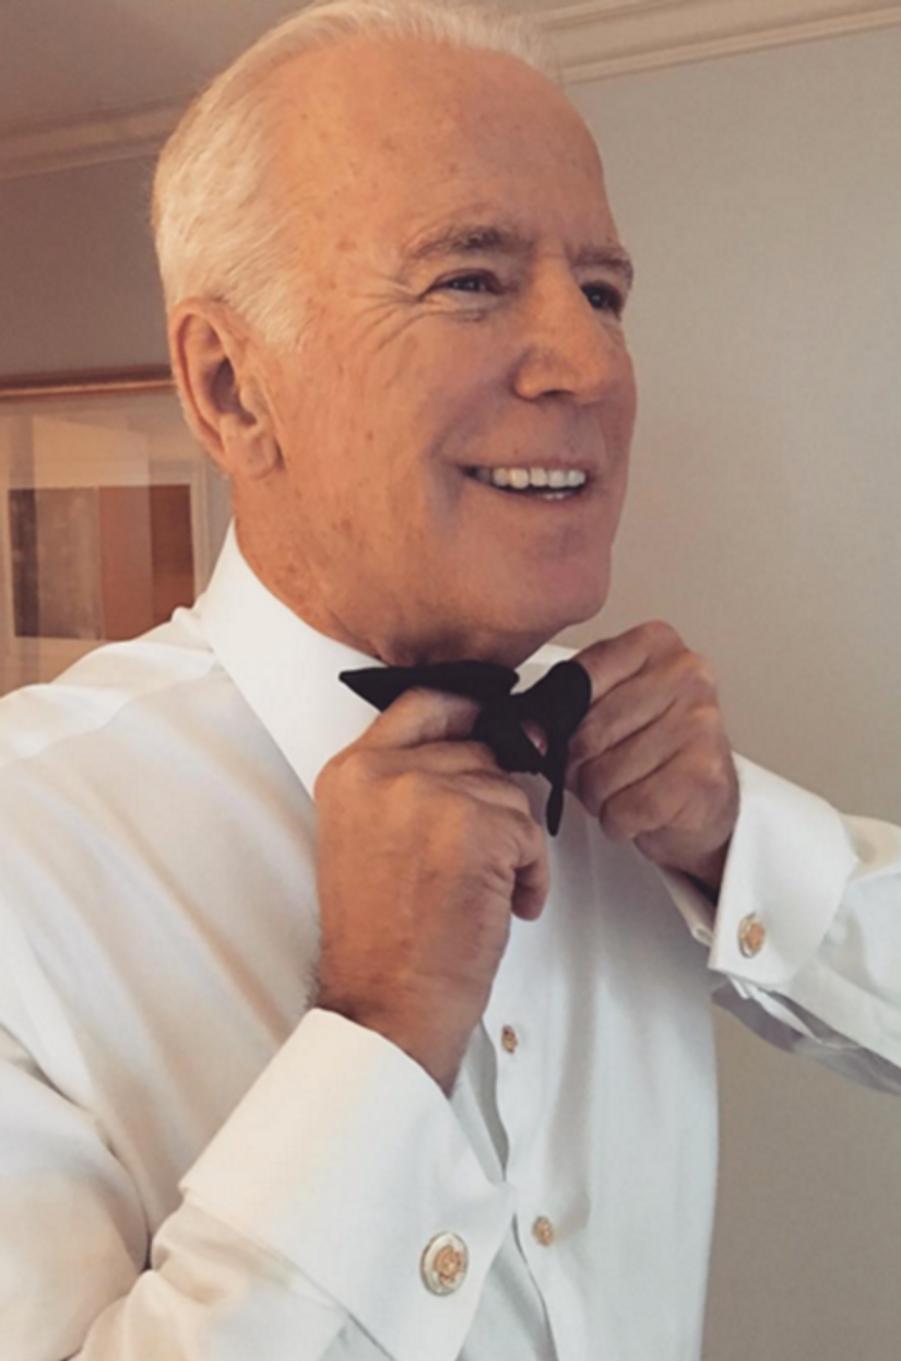 Le vice-président des Etats-Unis Joe Biden se prépare pour la cérémonie des Oscars